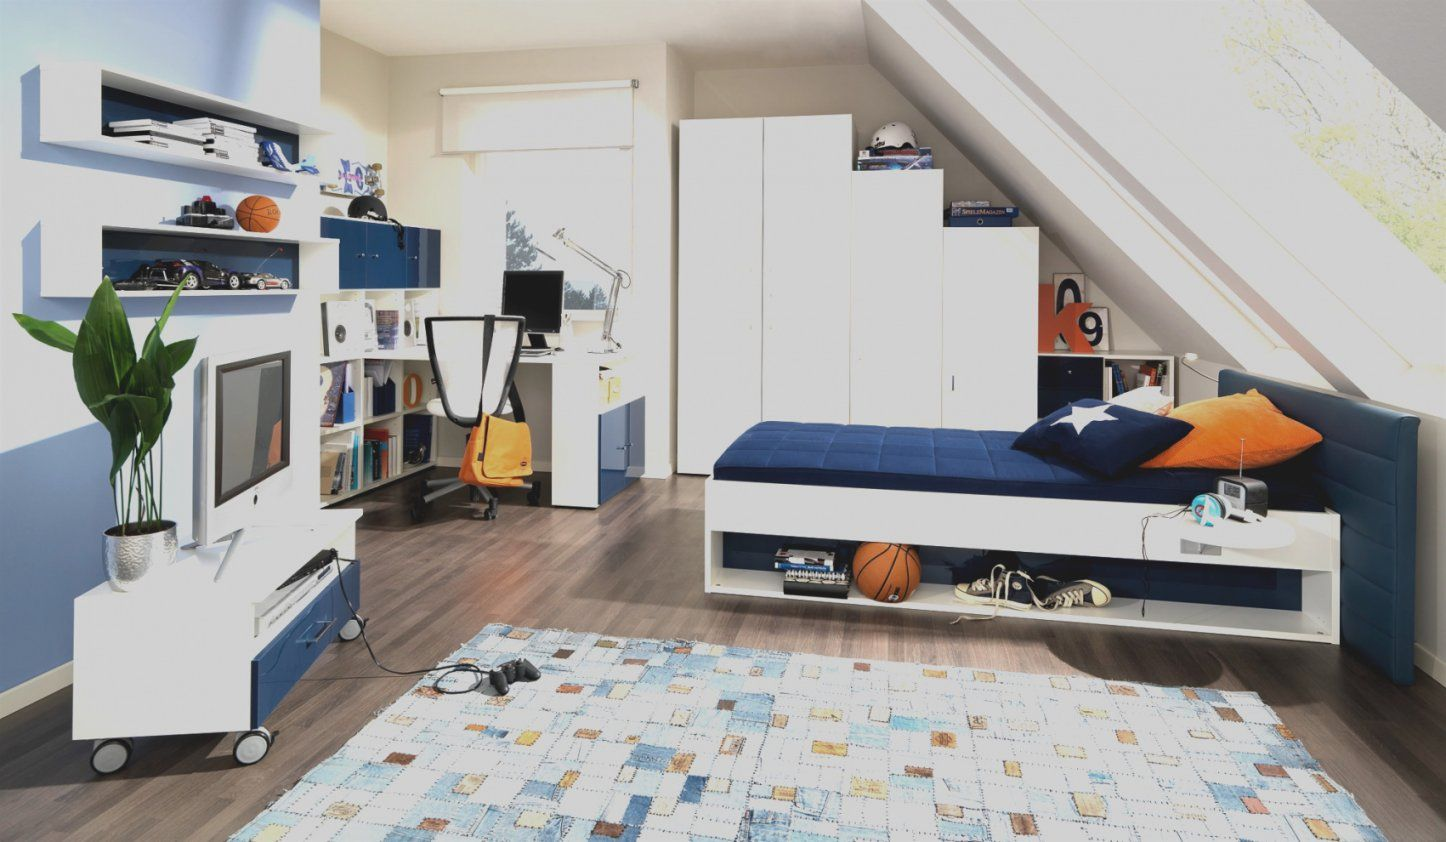 Jugendzimmer Für Jungs Erstaunlich On Andere Wunderbar Kreativ Fur von Coole Jugendzimmer Für Jungs Photo